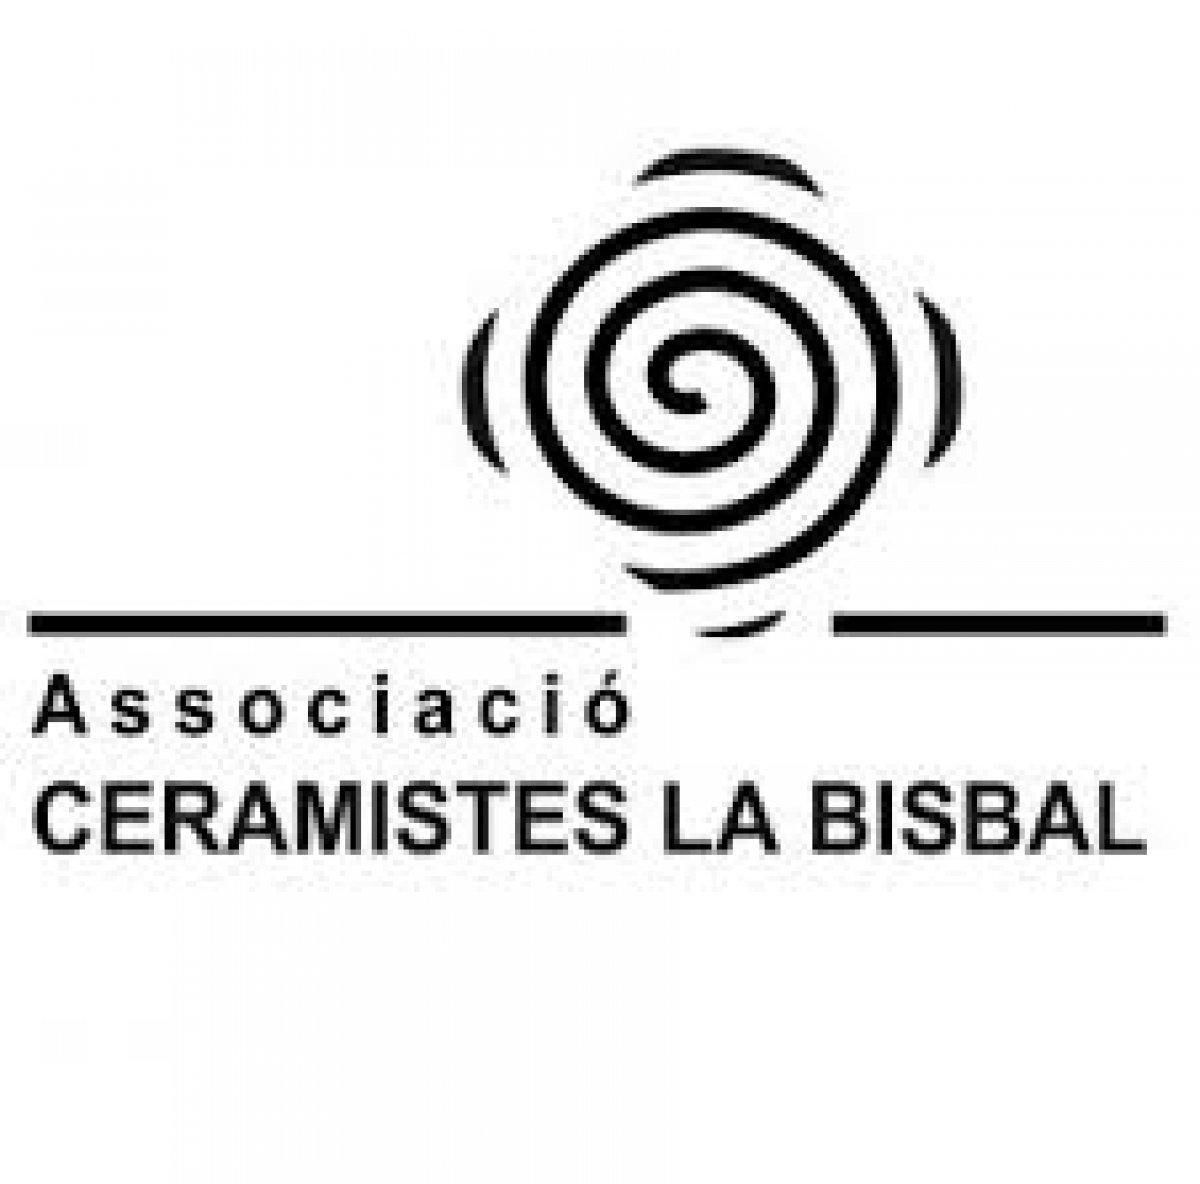 Logo de l'Associació de Ceramistes de la Bisbal